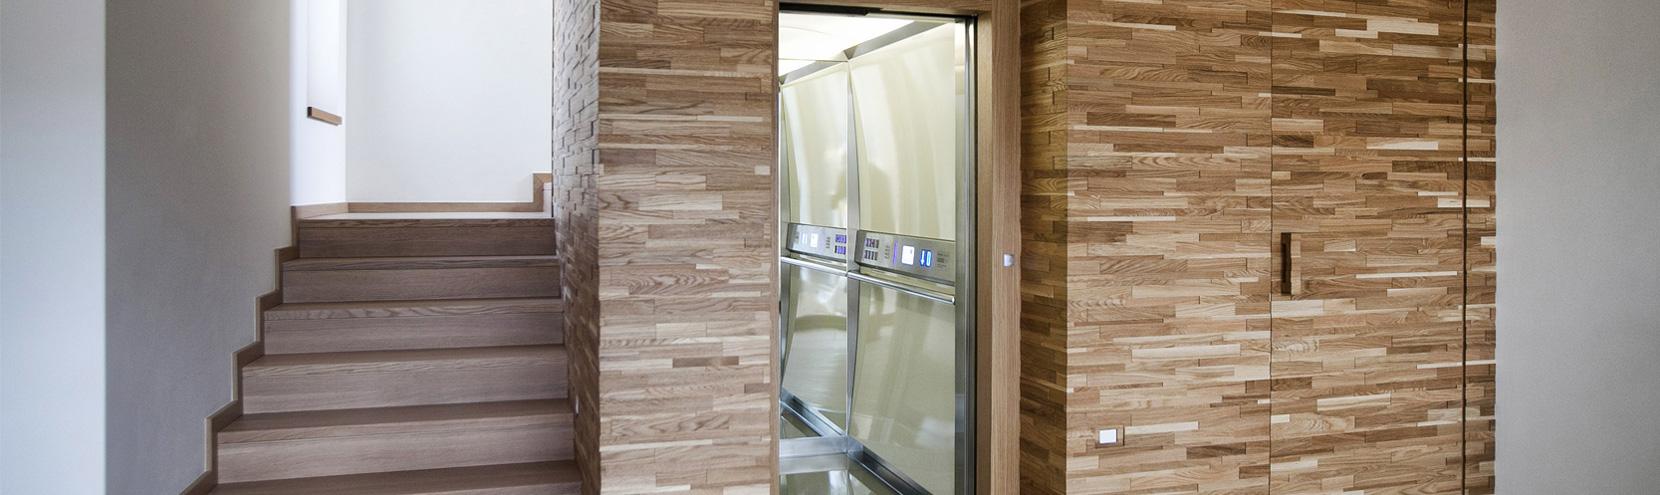 Fabrication D Escalier En Tunisie ascenseur pour maison tunisie